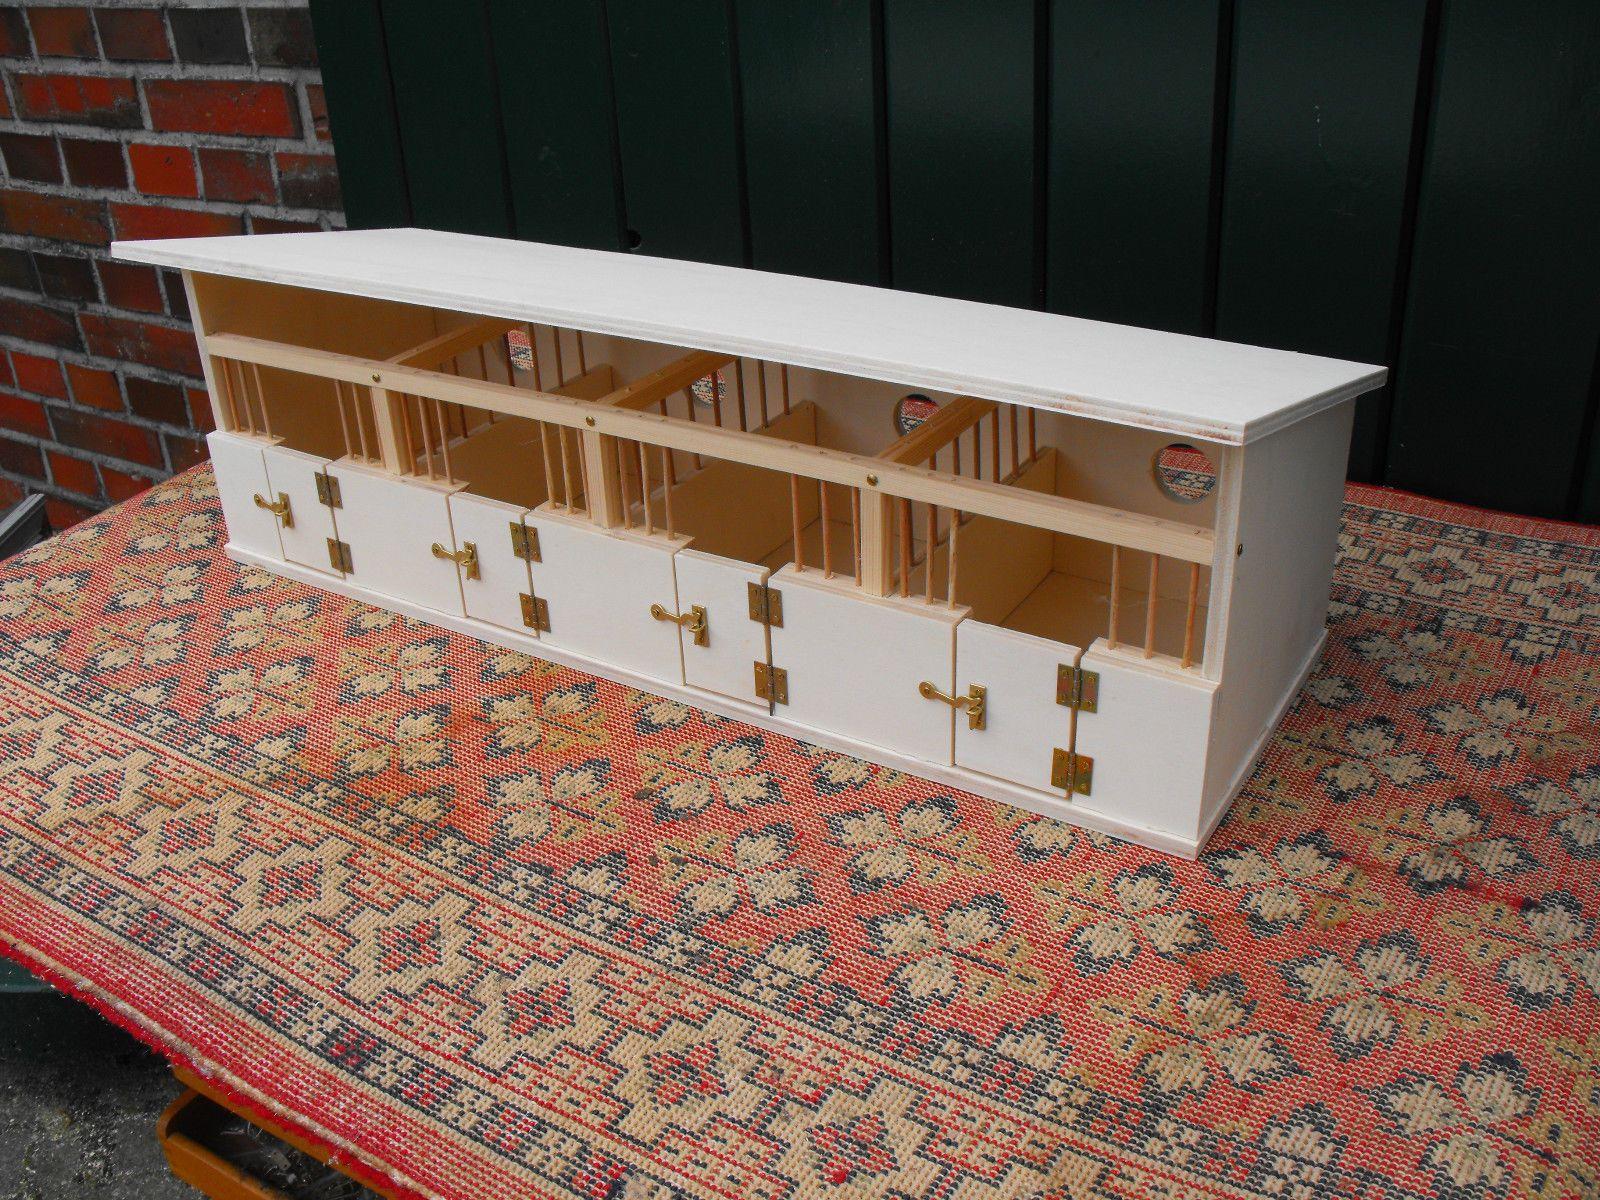 pferdestall pferdeboxen f r u a schleich pferde eigenbau aus holz ebay puppenstube. Black Bedroom Furniture Sets. Home Design Ideas